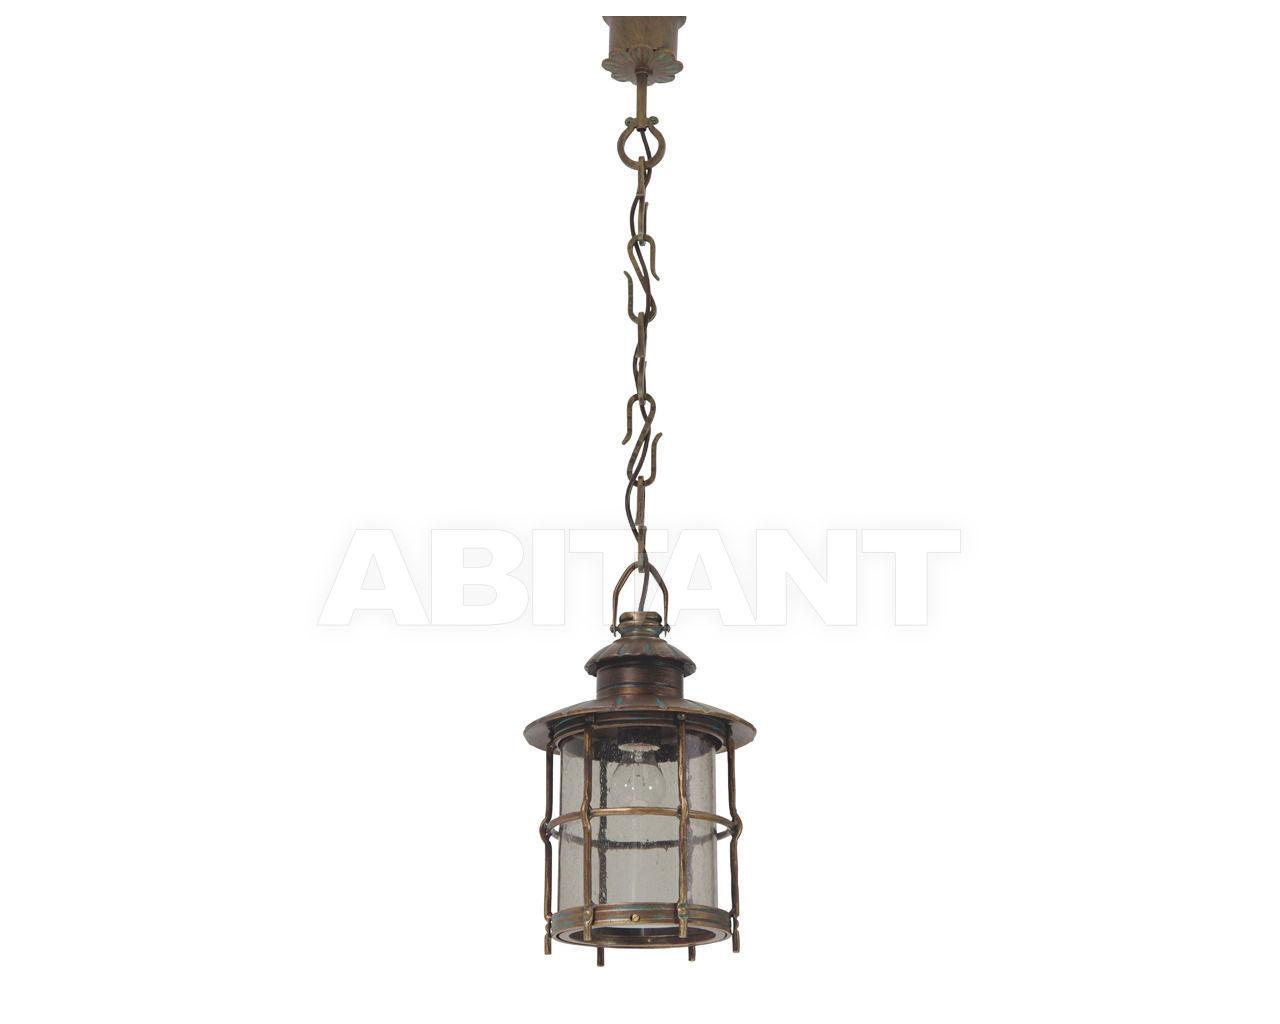 Купить Светильник FMB Leuchten Schmiedeeisen Lampen Und Leuchten 94114